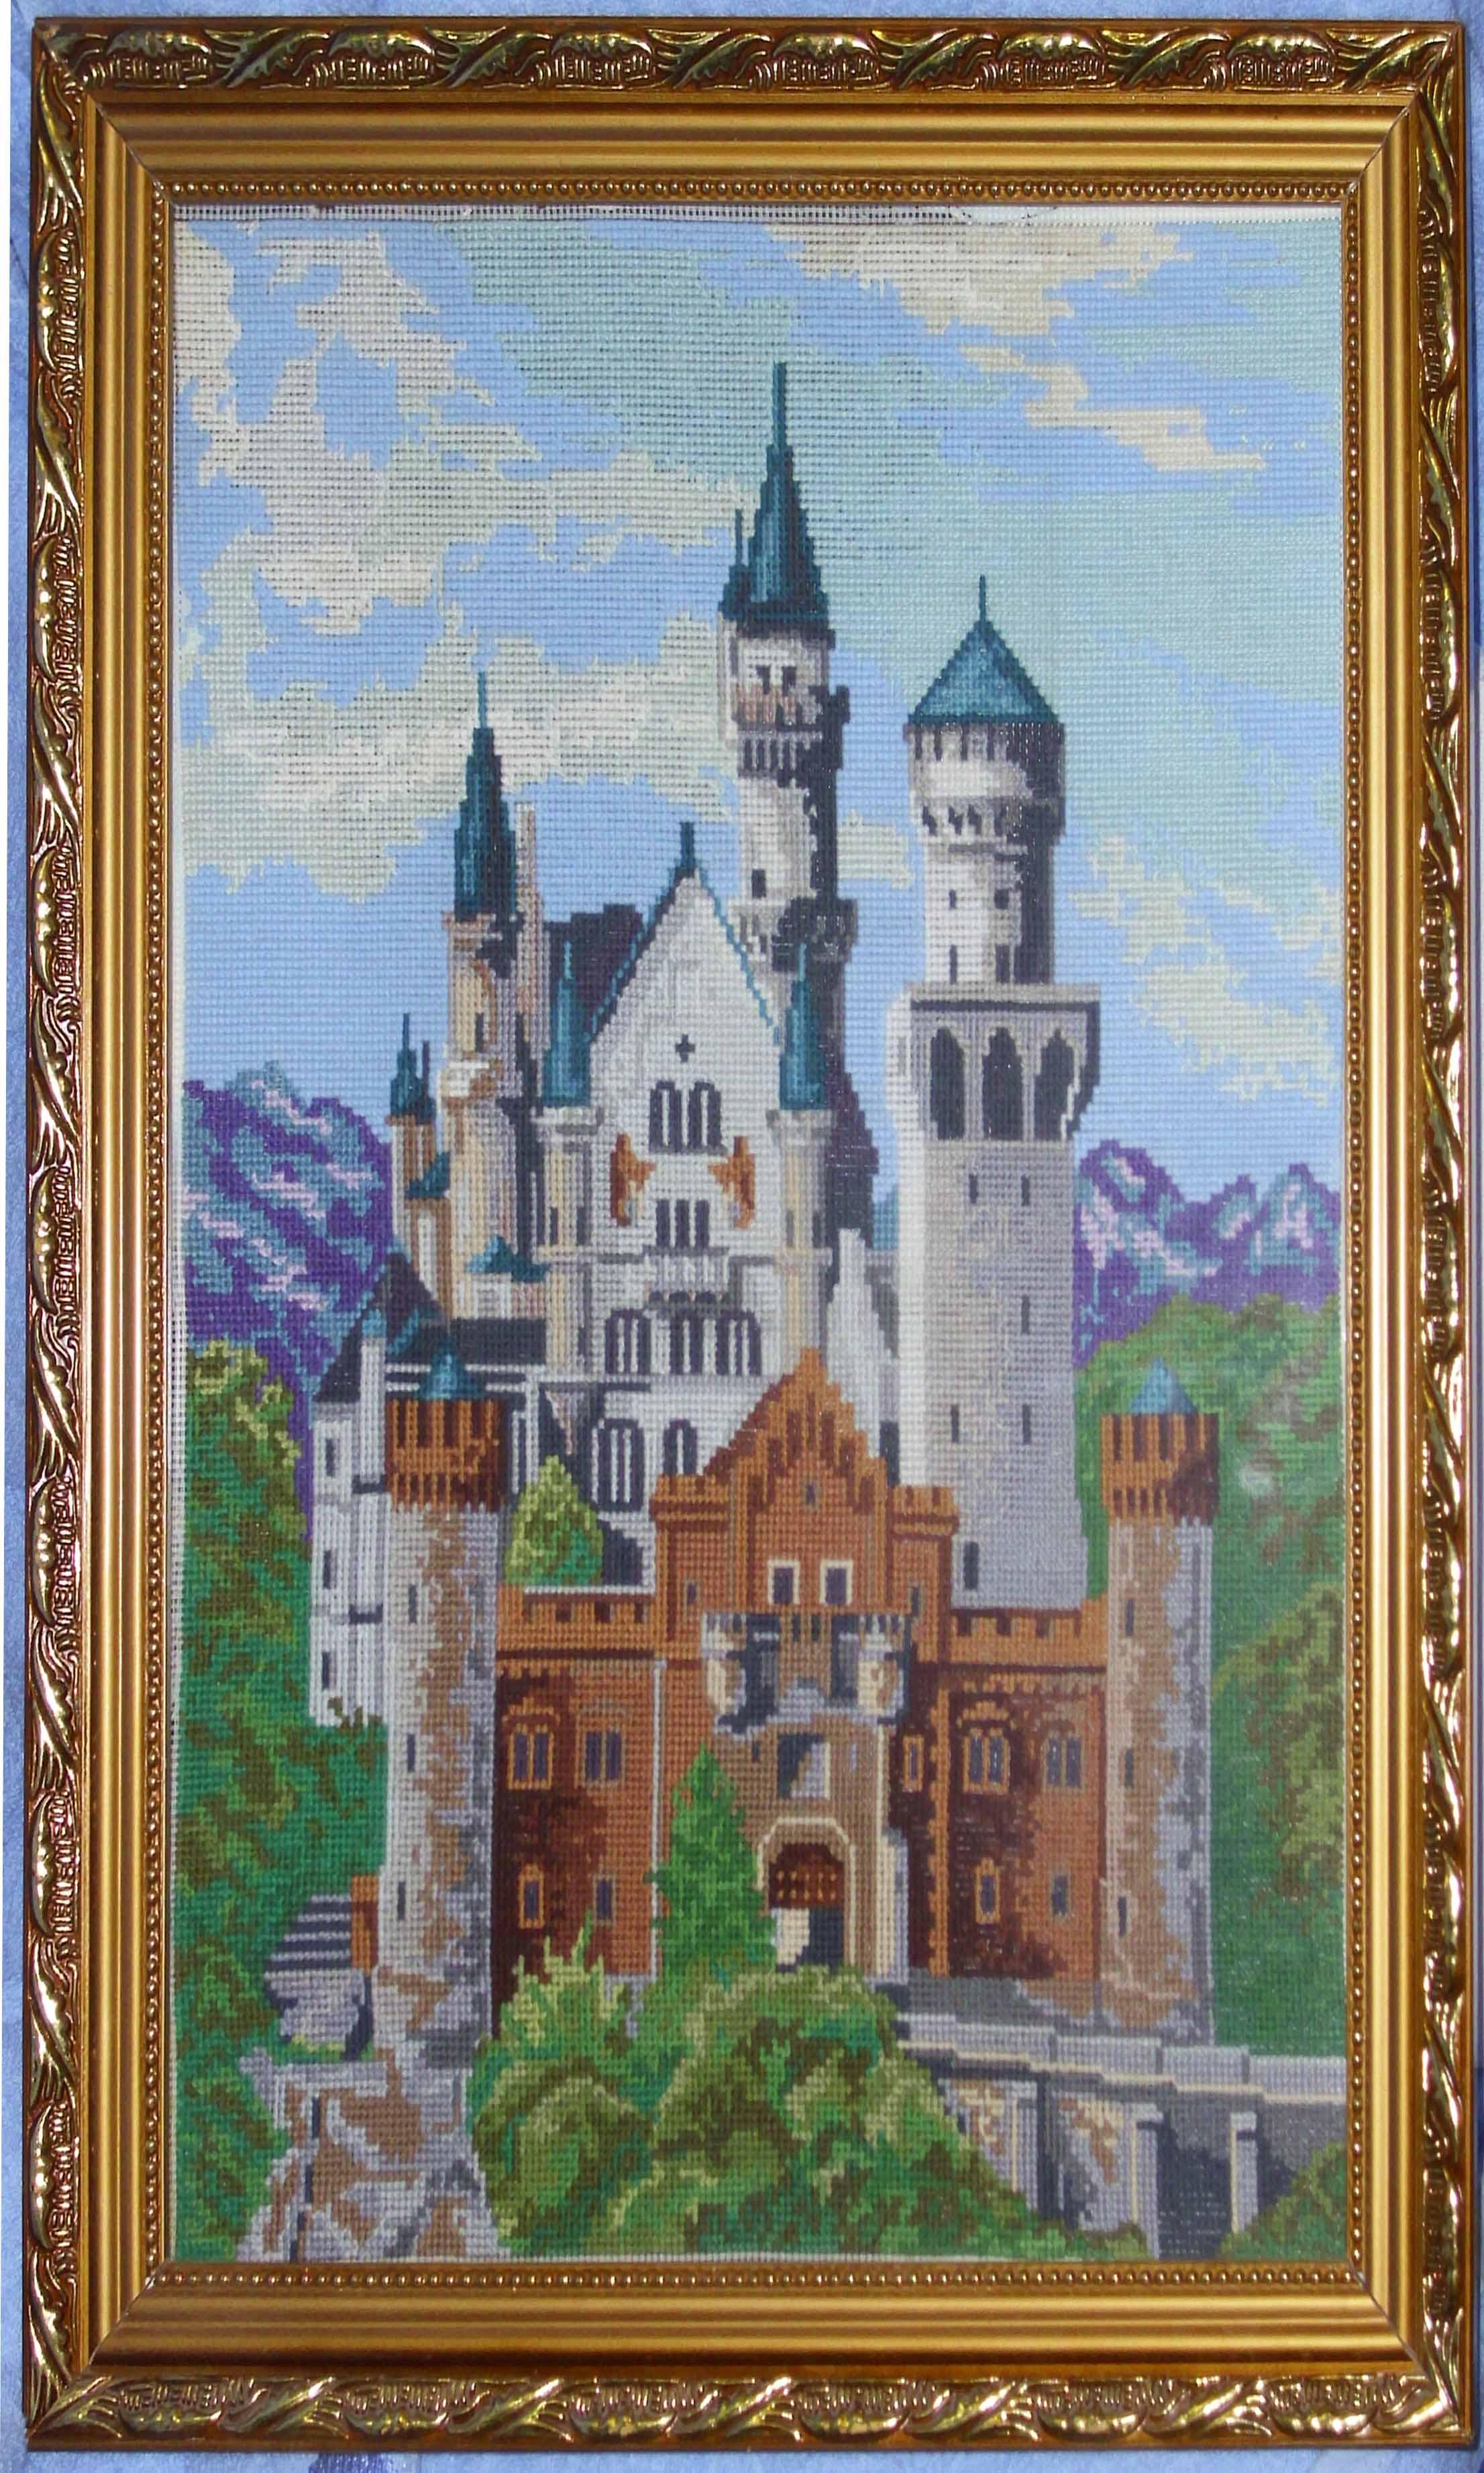 Поисковая фраза: набор для вышивания крестом замок спящей красавицы 49 см х 59 см сортировать по q 920 цене